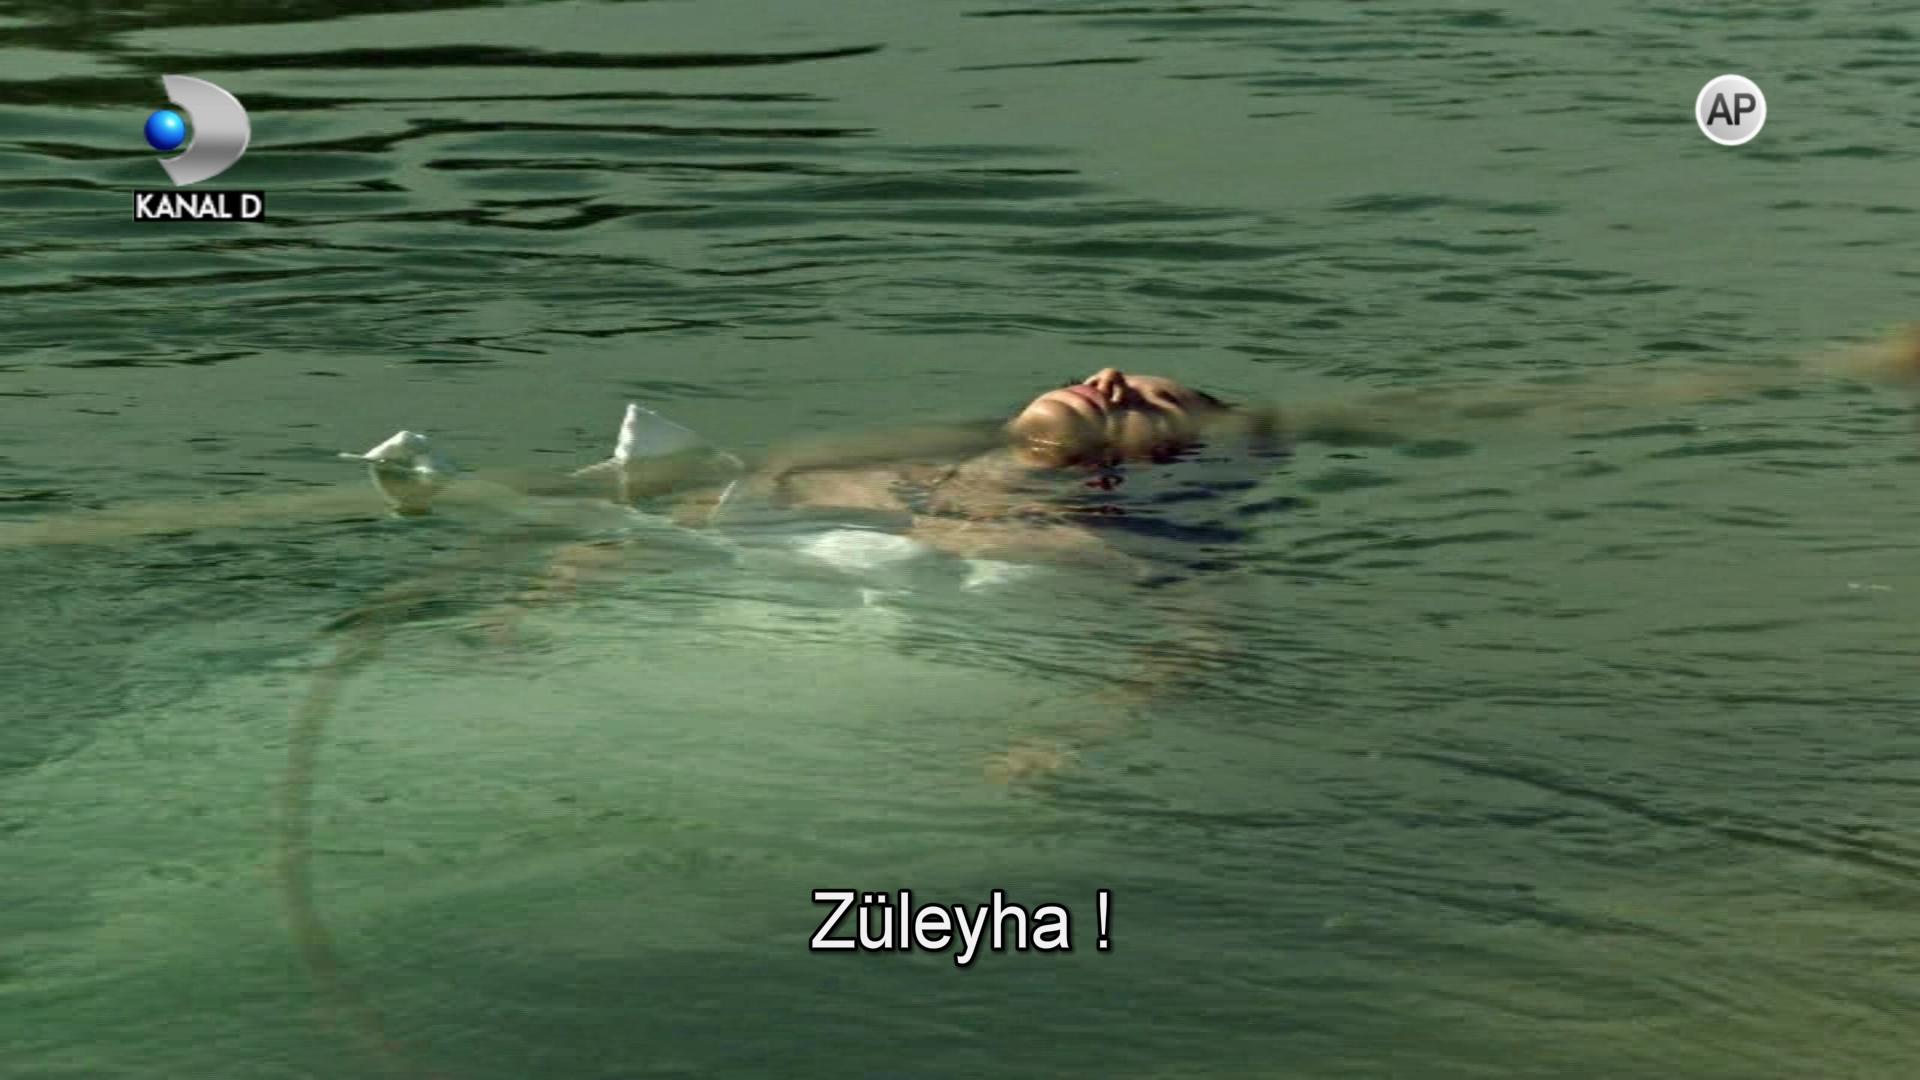 """Zuleyha, in pericol de moarte! Demir ii face viata amara! Afla ce se va intampla la conacul familiei Yaman, MIERCURI, intr-un nou episod din serialul """"Ma numesc Zuleyha"""", de la ora 20:00, la Kanal D!"""